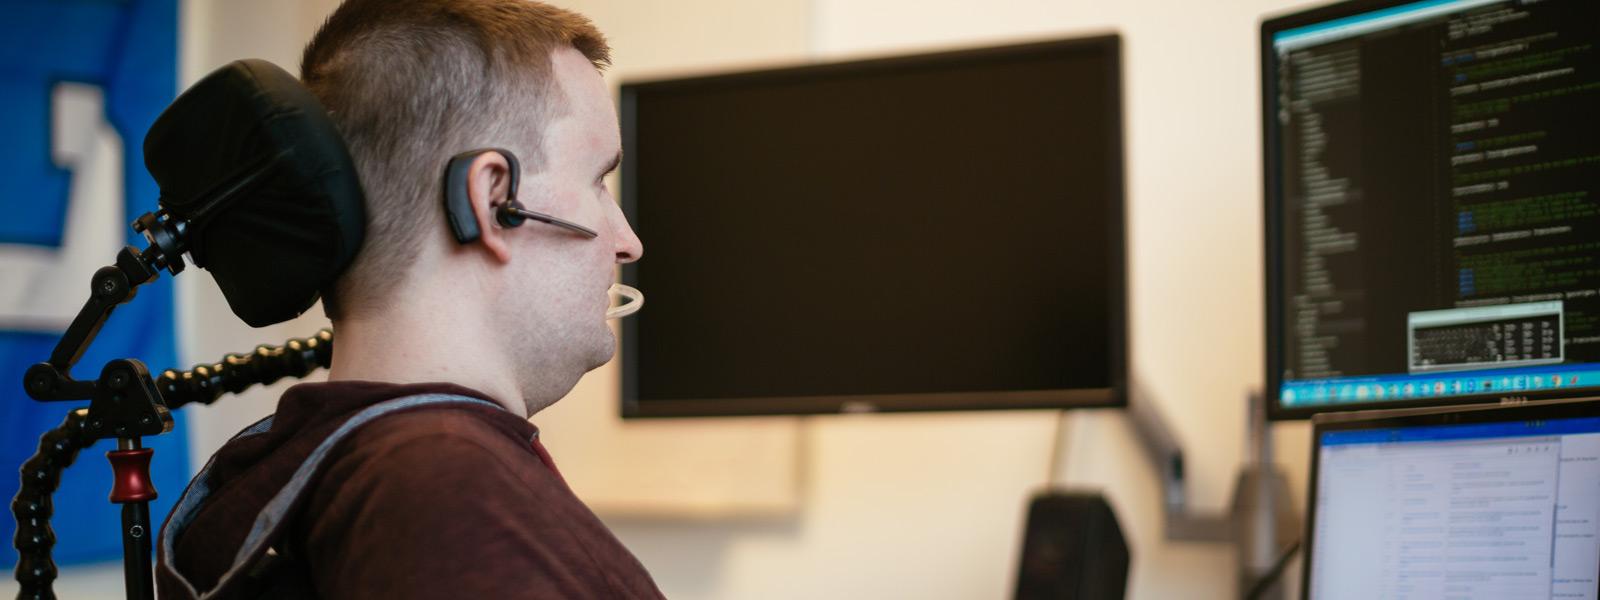 Άνδρας σε γραφείο που χρησιμοποιεί τεχνολογία βοηθητικού υλικού για να λειτουργήσει έναν υπολογιστή Windows 10 με έλεγχο μέσω ματιού